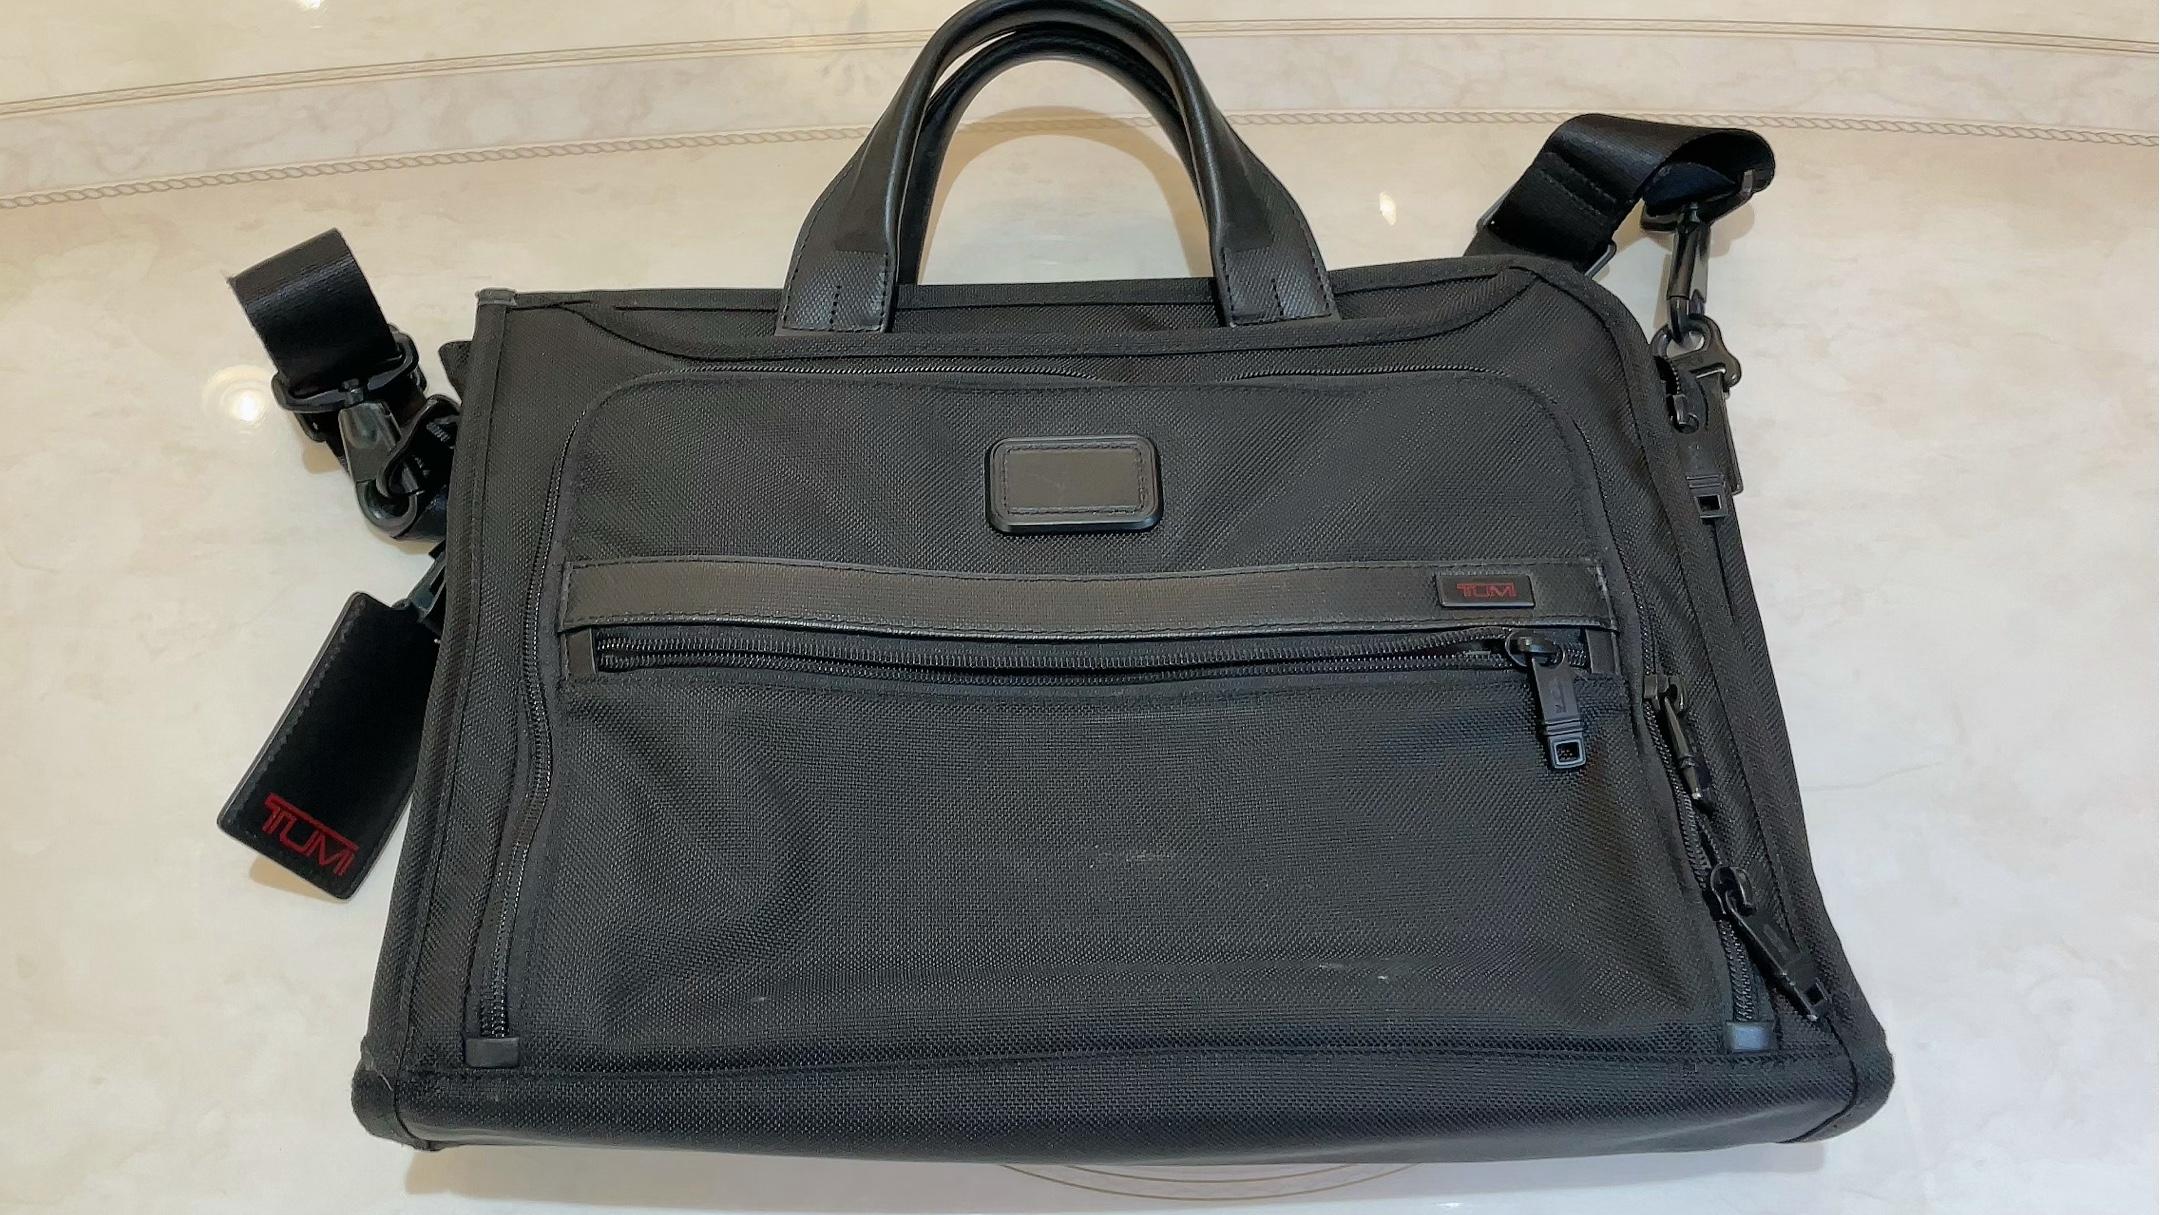 【買取速報】ブランドバッグ、TUMI-2021-06-06